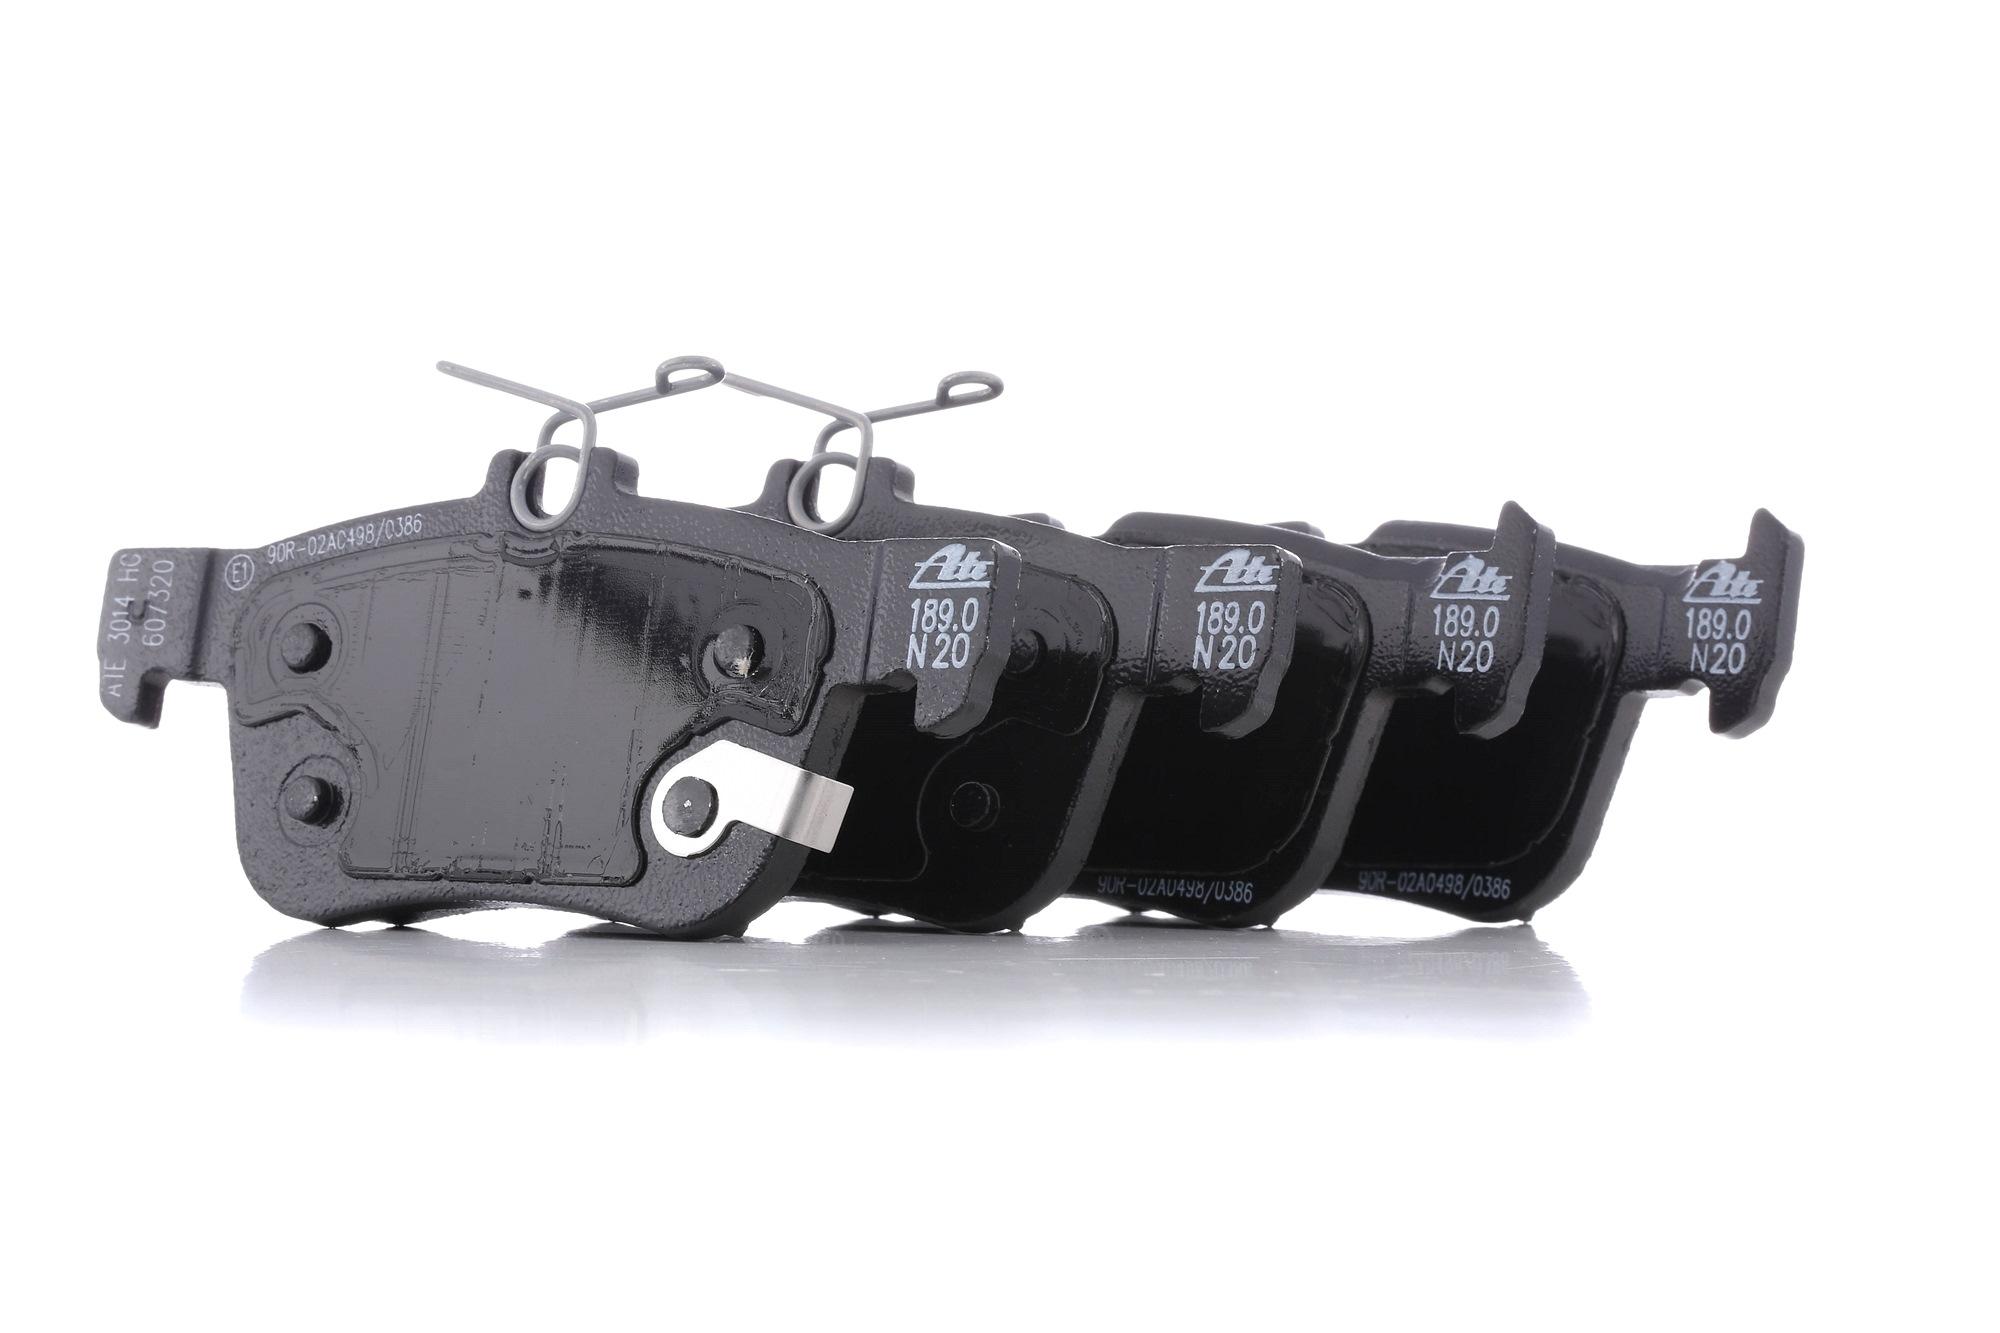 22233 ATE mit akustischer Verschleißwarnung Höhe 1: 48,2mm, Höhe 2: 53,4mm, Breite 1: 123,0mm, Breite 2: 123,0mm, Dicke/Stärke: 16,1mm Bremsbelagsatz, Scheibenbremse 13.0460-7320.2 günstig kaufen